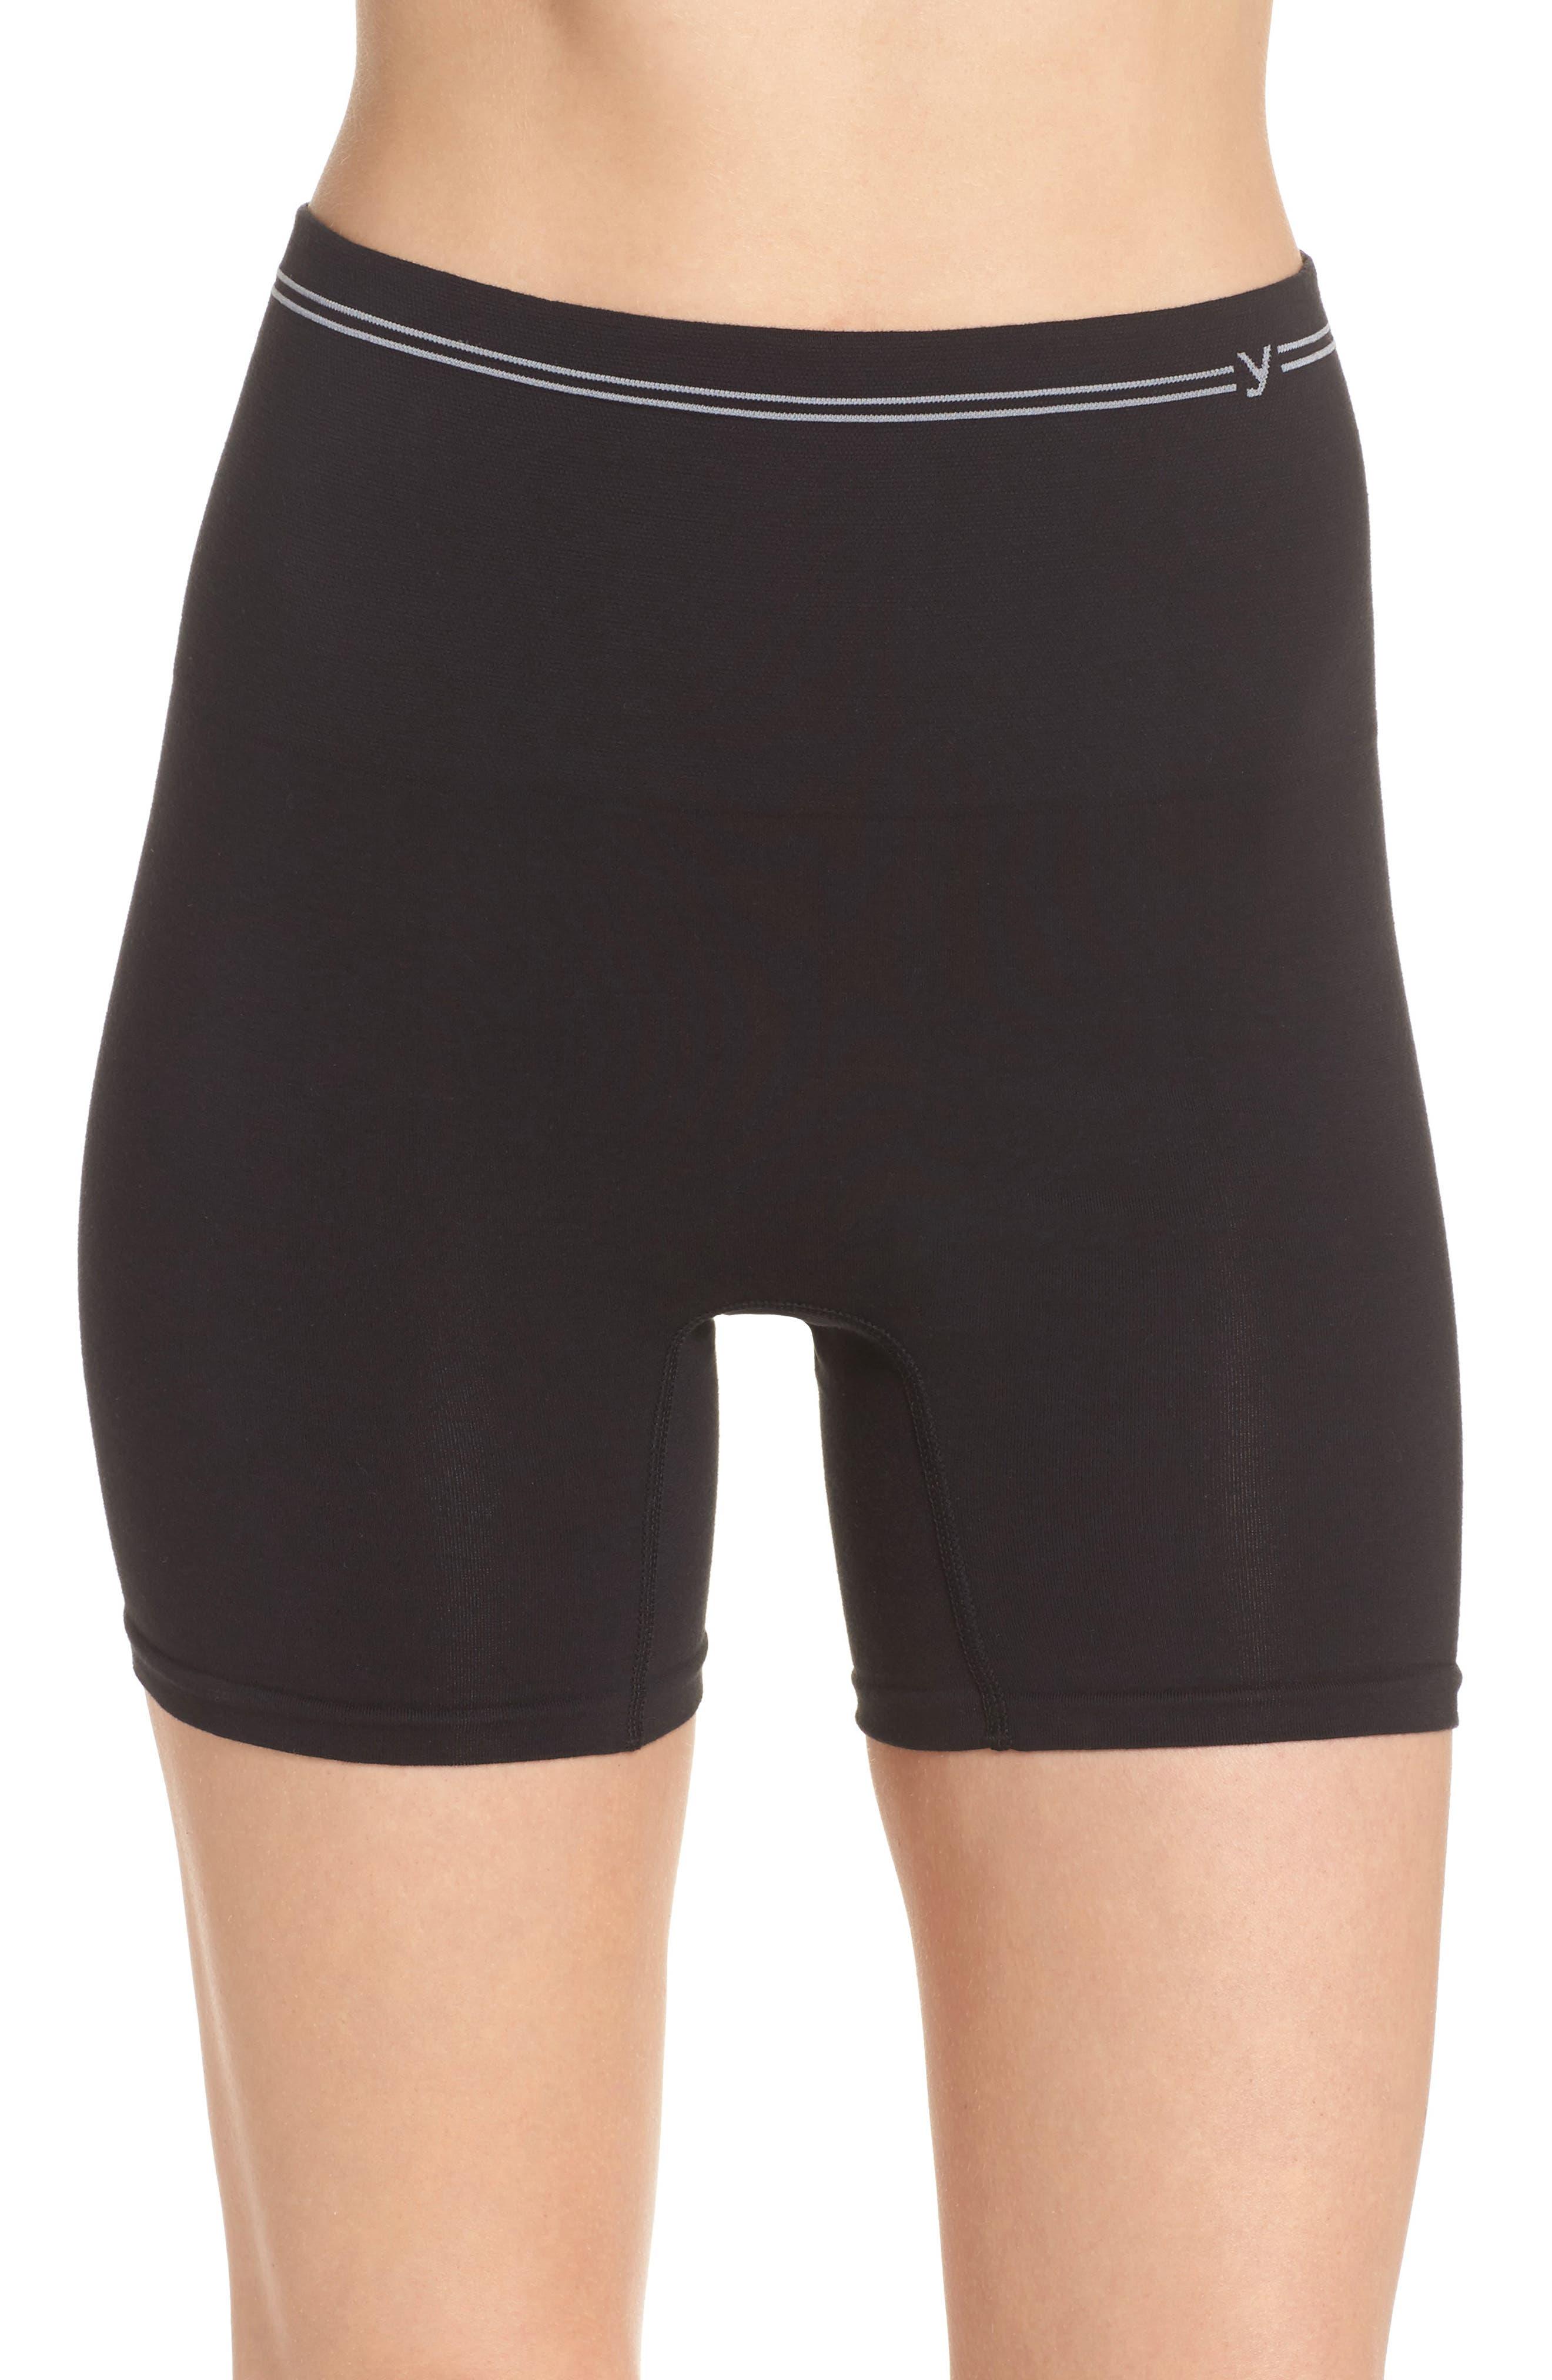 YUMMIE,                             Seamless Shaping Shorts,                             Main thumbnail 1, color,                             001